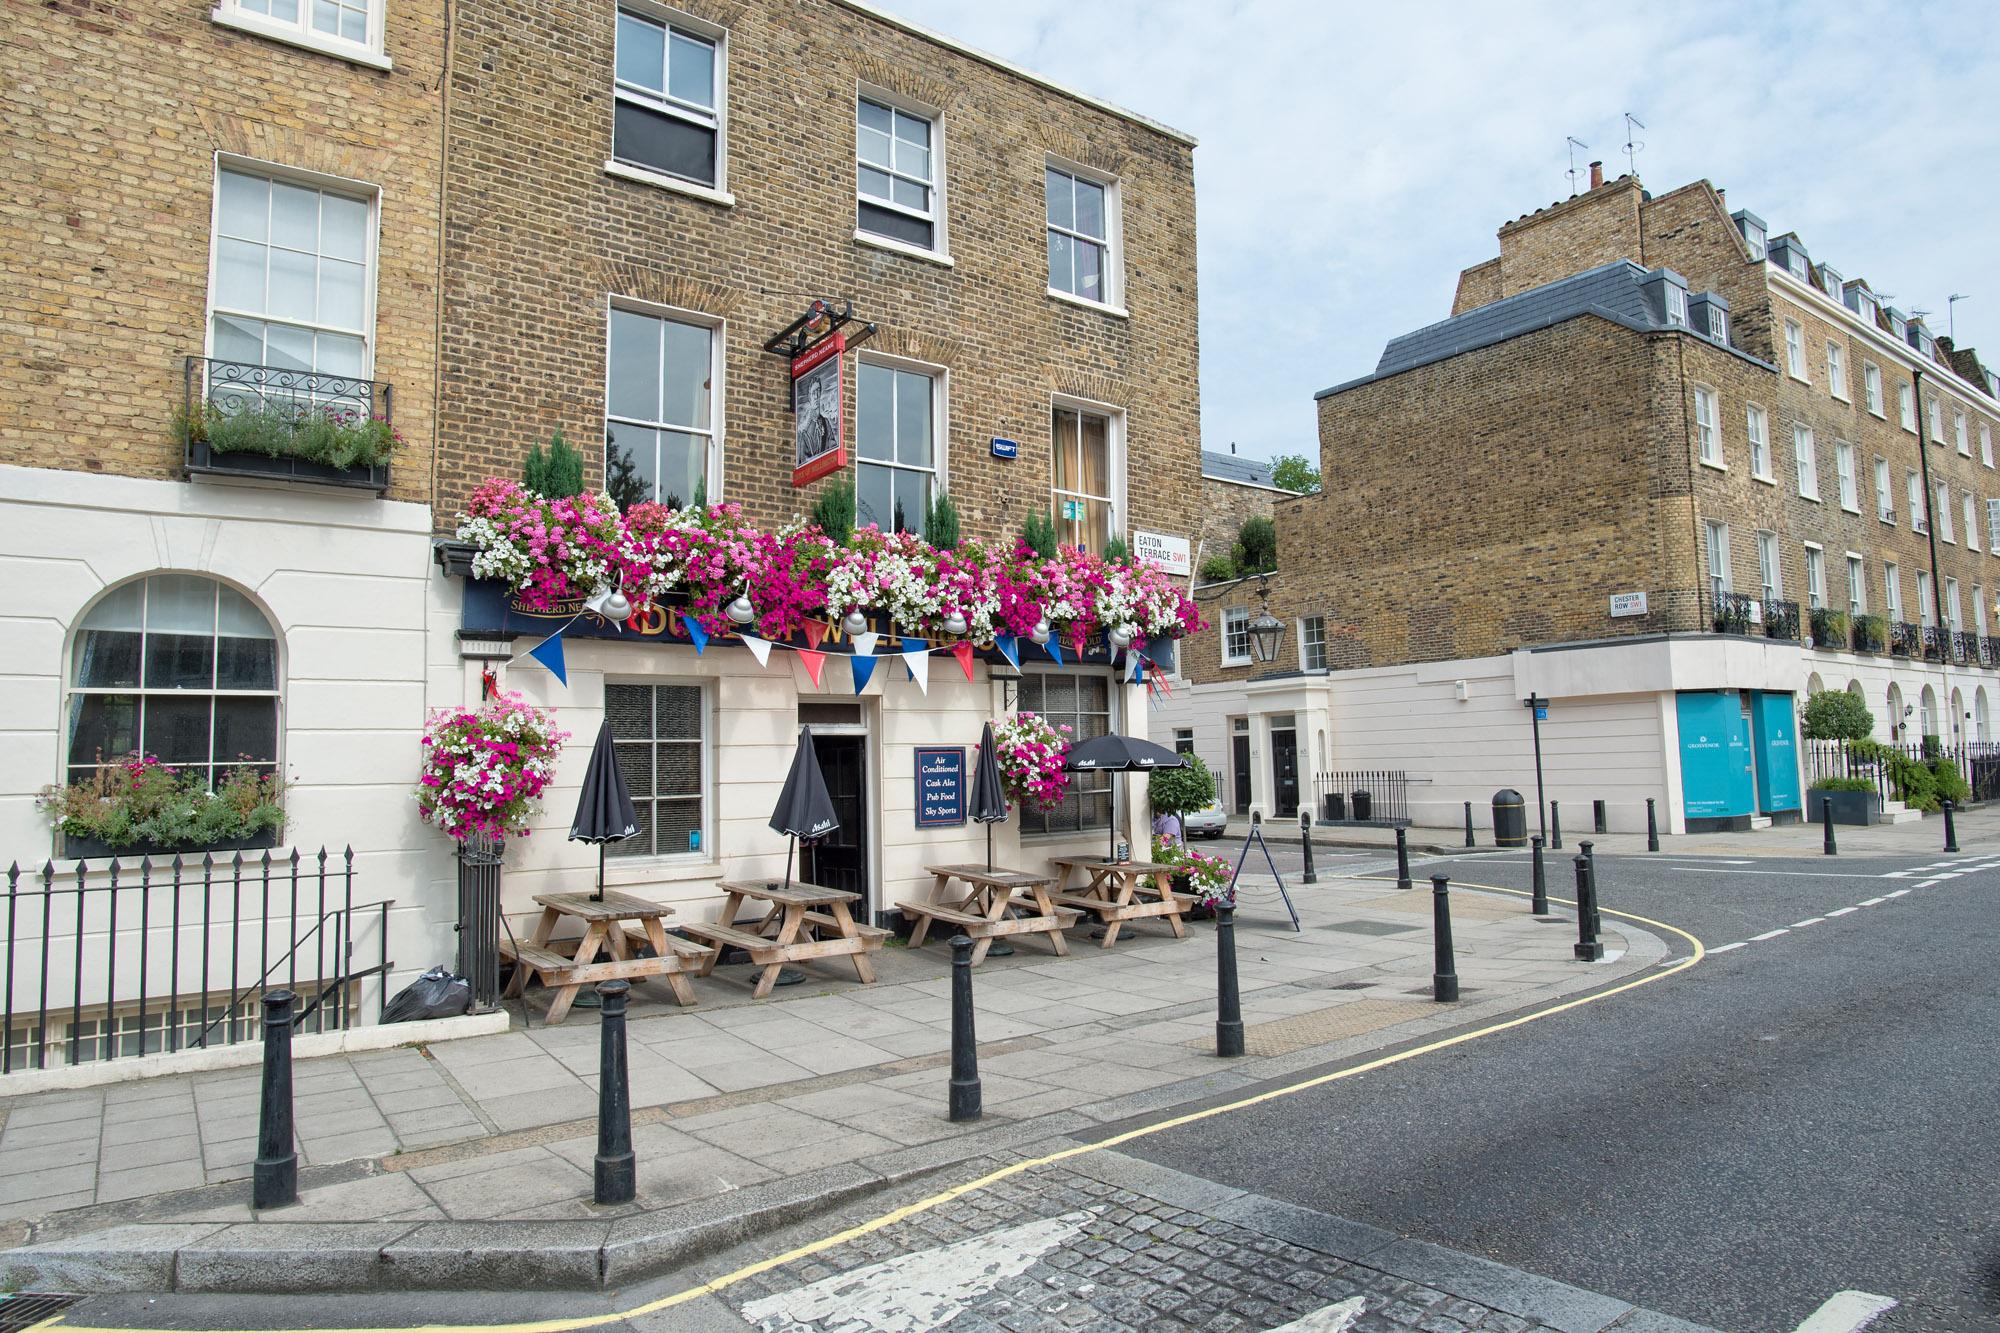 Ο ωραιότερος δρόμος στο Λονδίνο!  Κλασική αρχιτεκτονική, κατάλευκες και πολύχρωμες κατοικίες και πετρόκτιστες εκκλησίες